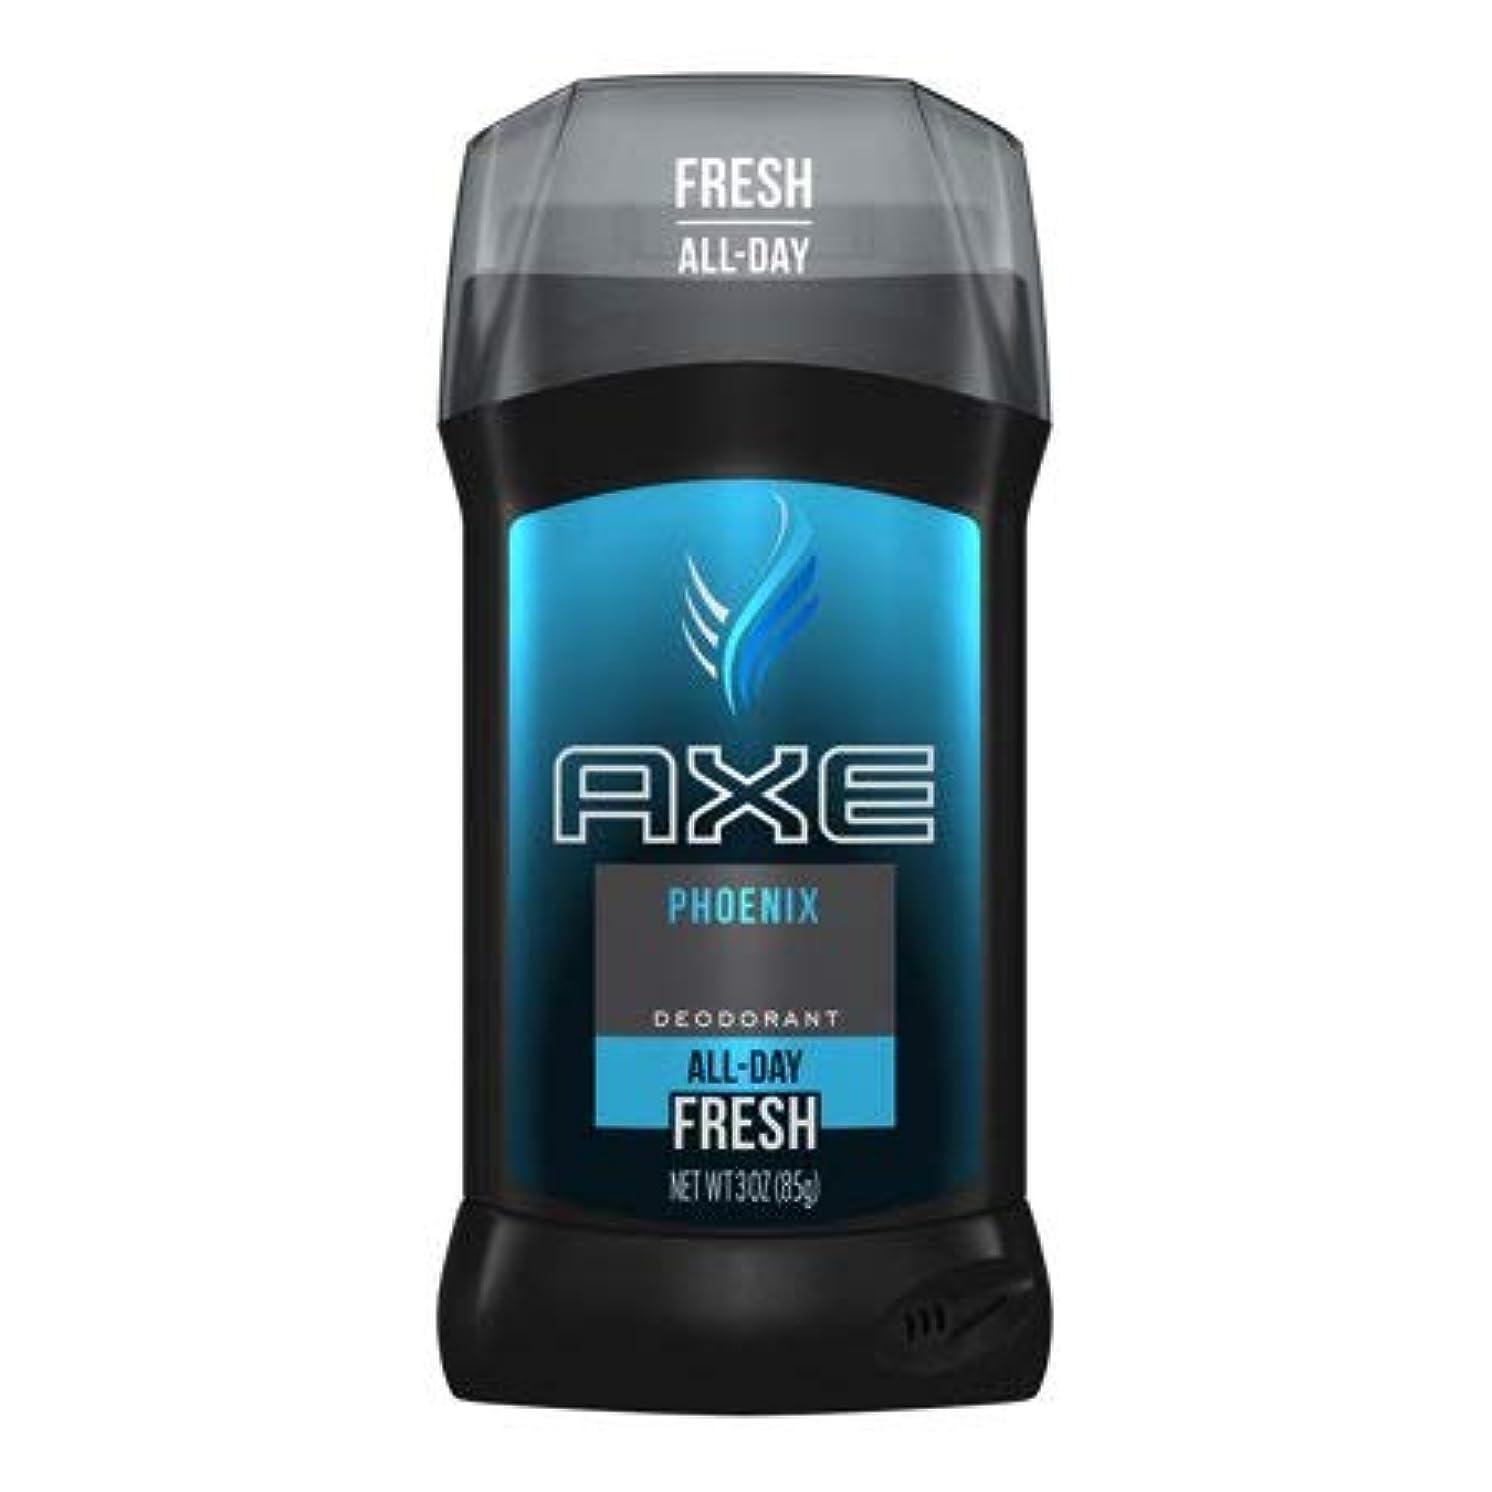 破壊的興奮する半島AXE Phoenix Deodorant Stick Fresh 3 oz アクセ フェニックス フレッシュ デオドラント 海外直送品 [並行輸入品]